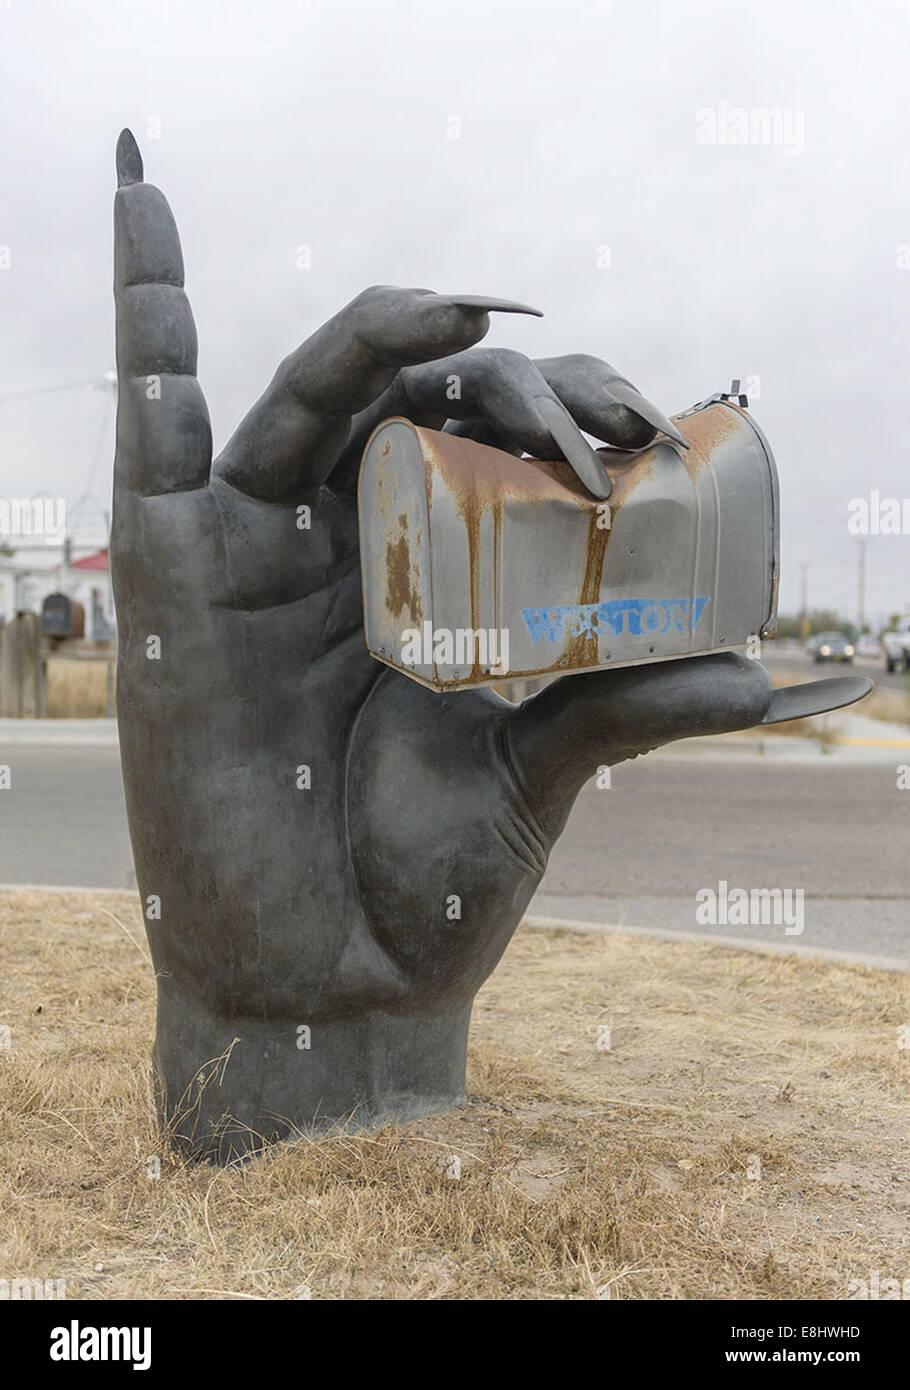 Santa Fe, NM, USA. 8. Oktober 2014. Eine riesige Hand hält ein ...